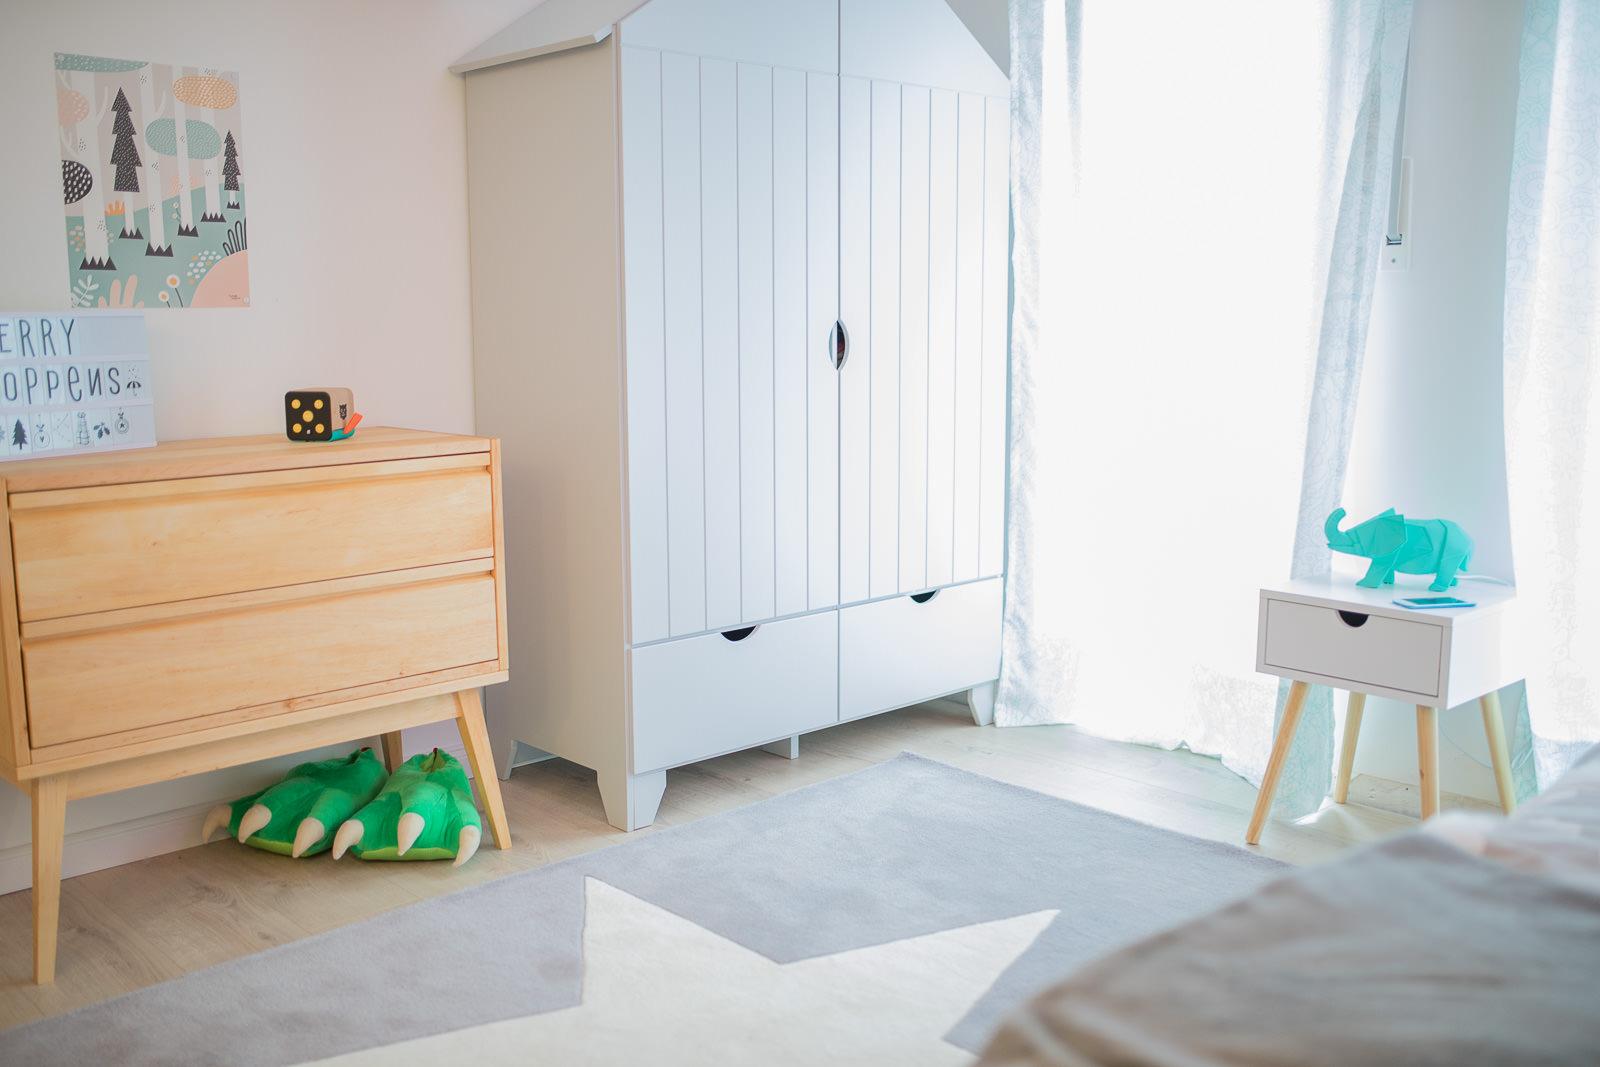 Kinderzimmer renovieren - Vorher Bilder & Pläne